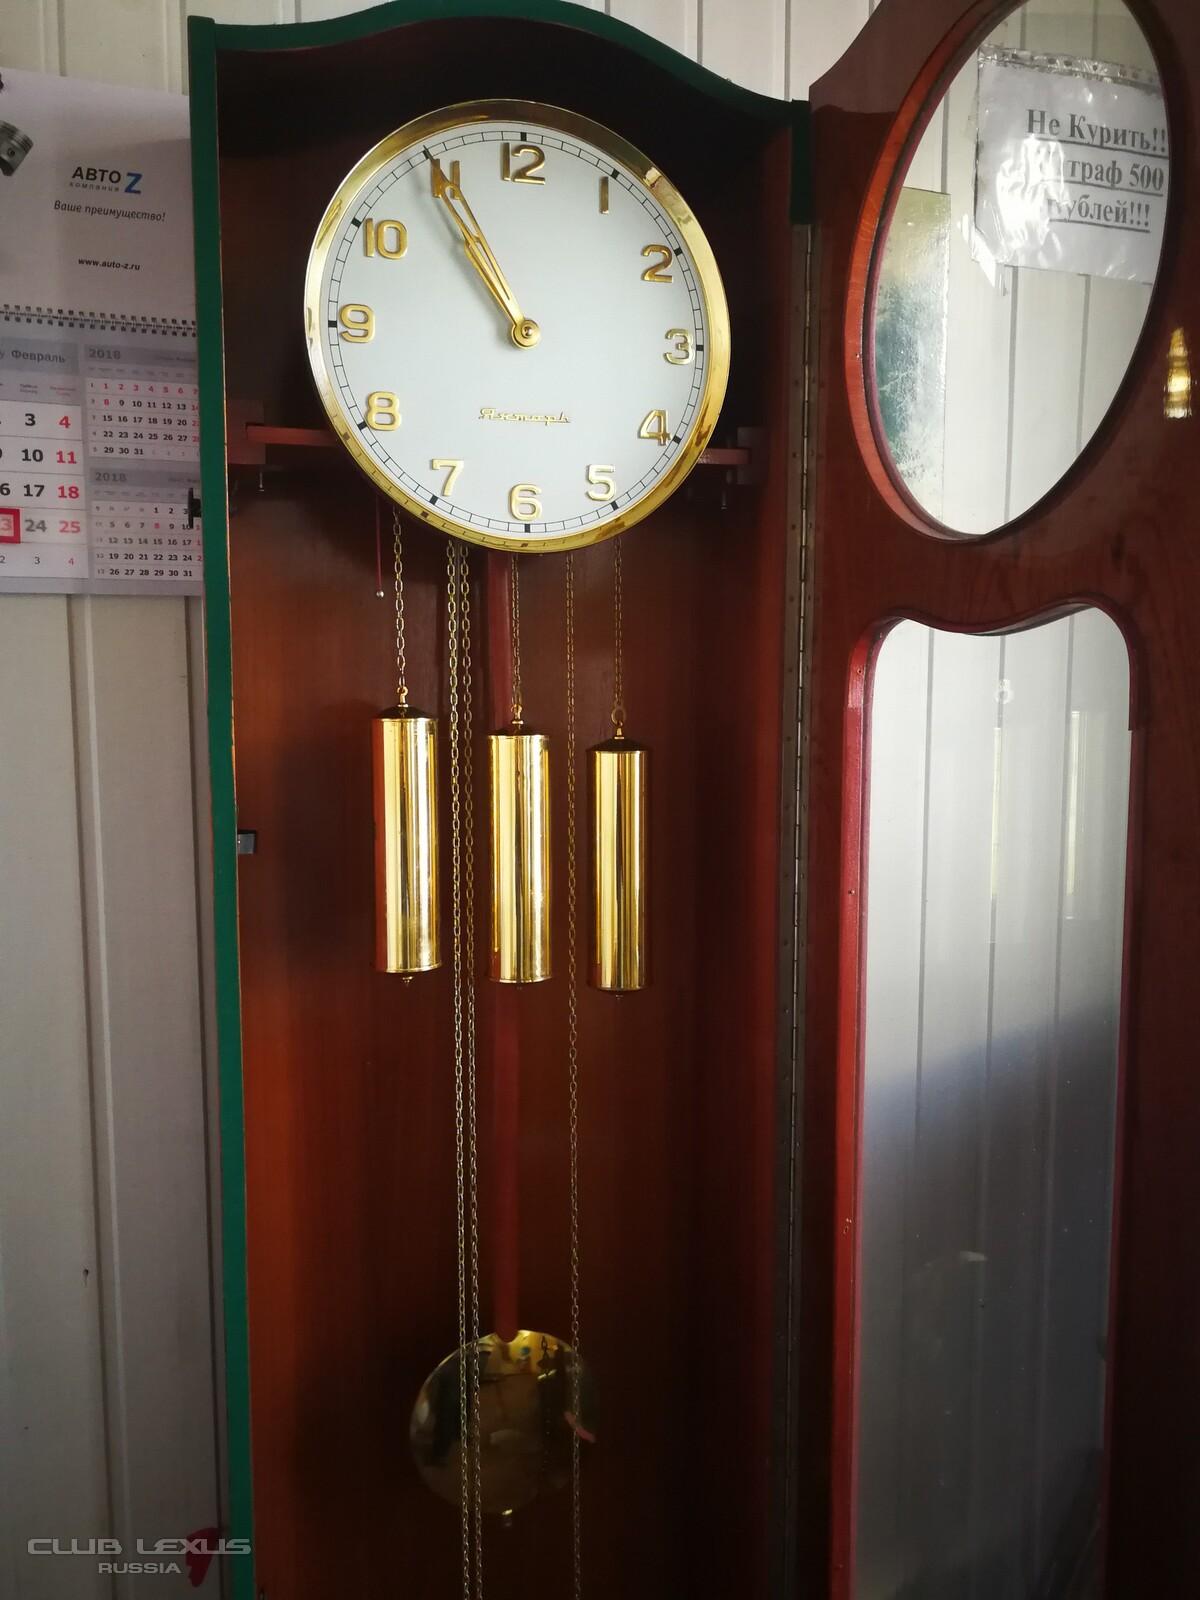 Очз напольные янтарь продам часы д 5 к.2 ломбард ул работы гвардейская часы